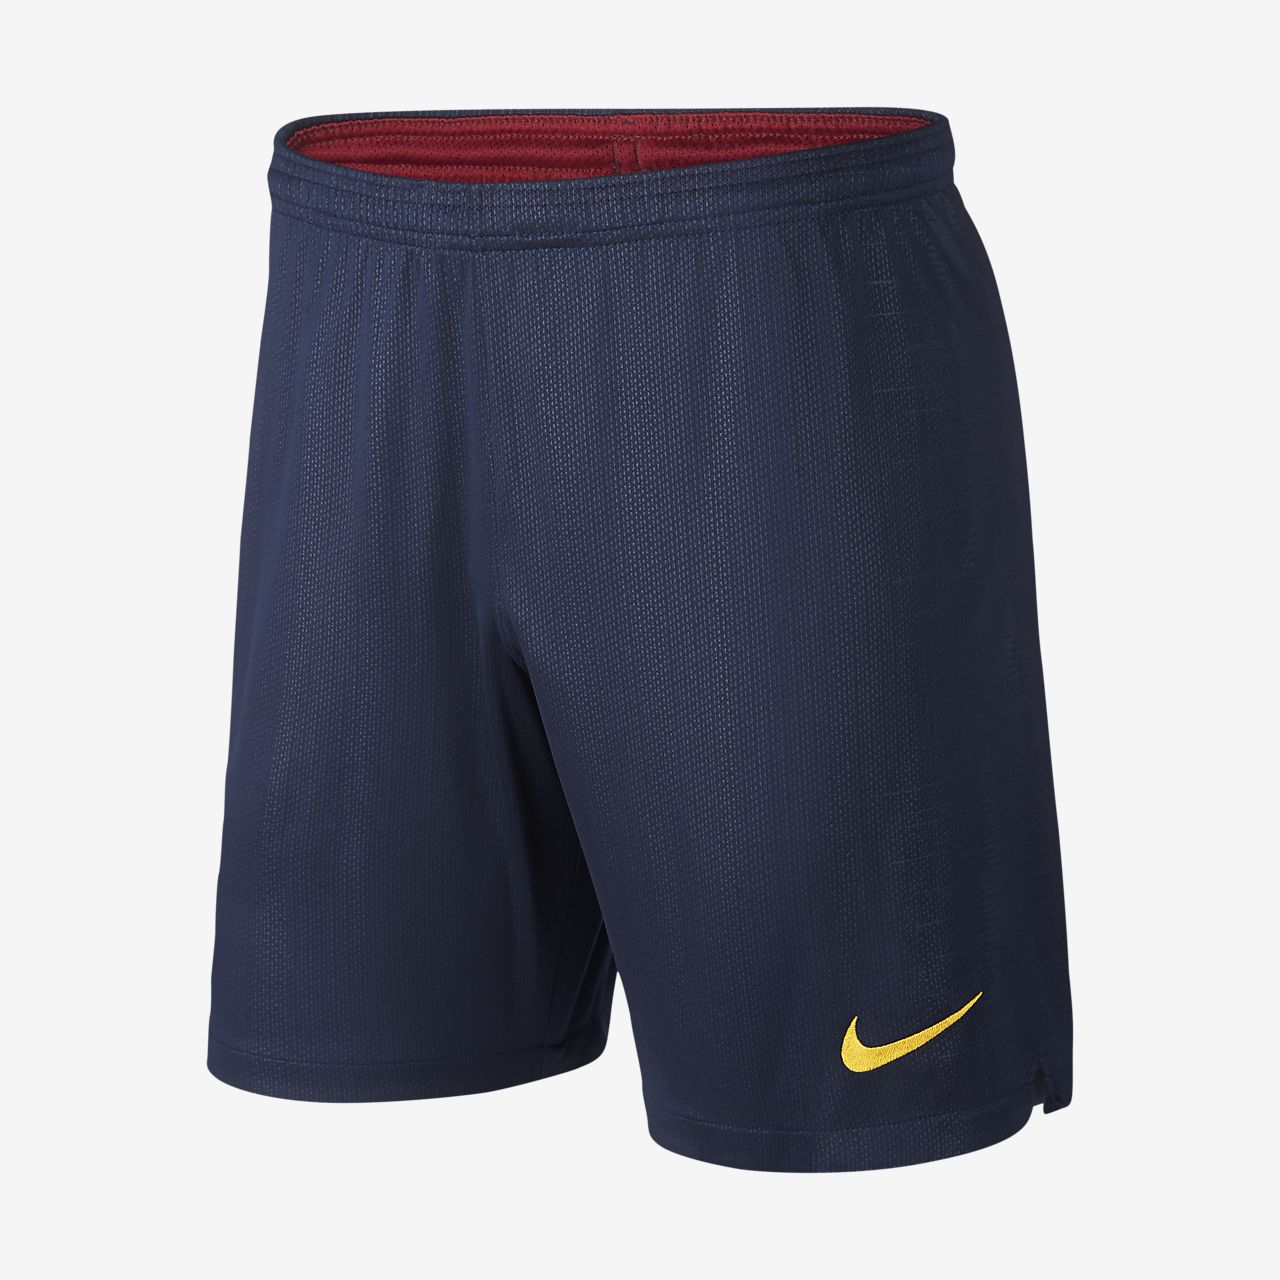 76dbdbd5ca169 Shorts de fútbol para hombre 2018 19 FC Barcelona Stadium Home. Nike ...